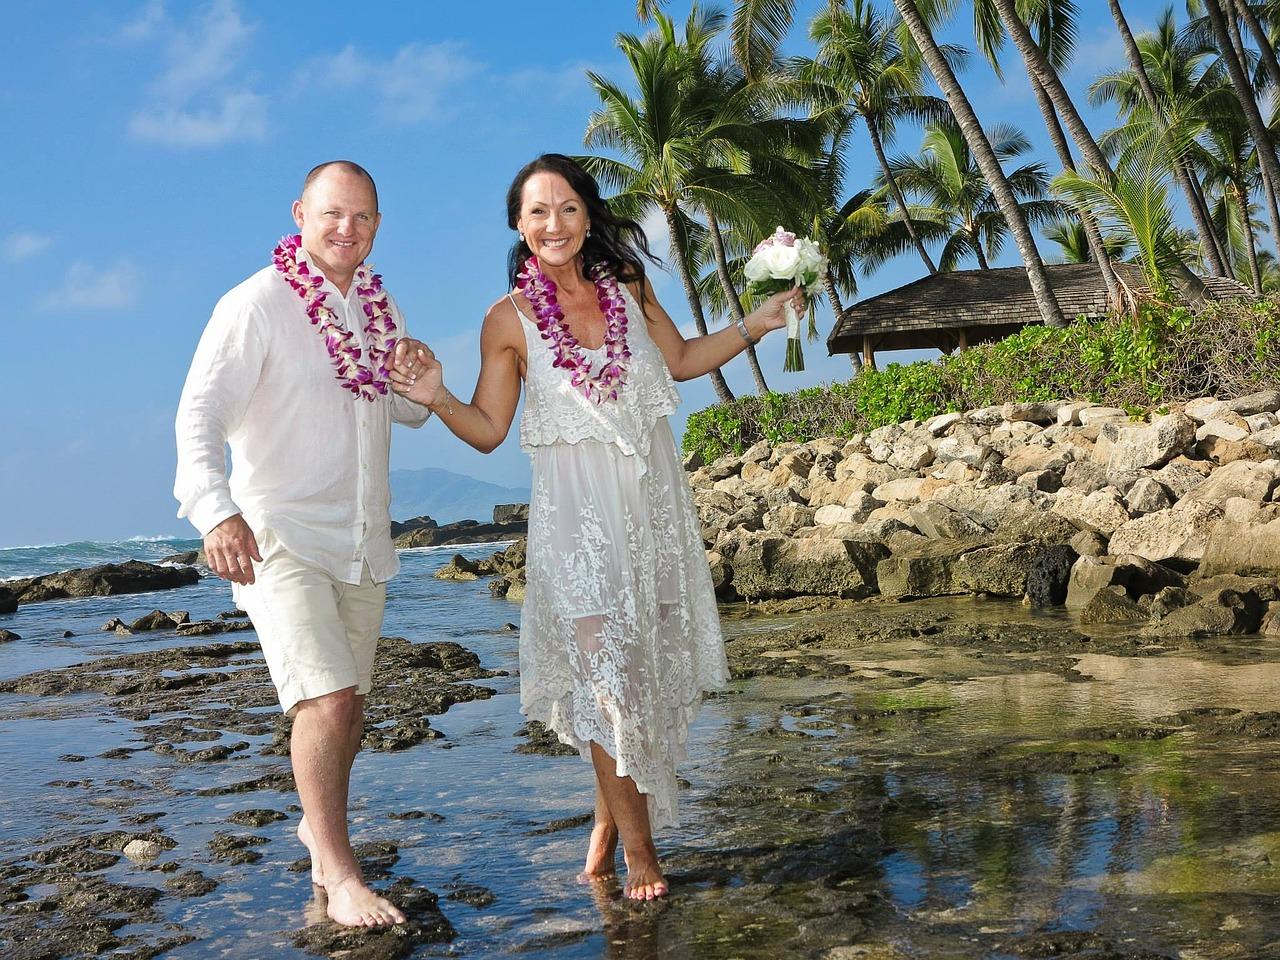 ハワイの豪邸にAirbnb(エアビーアンドビー)で宿泊できる!